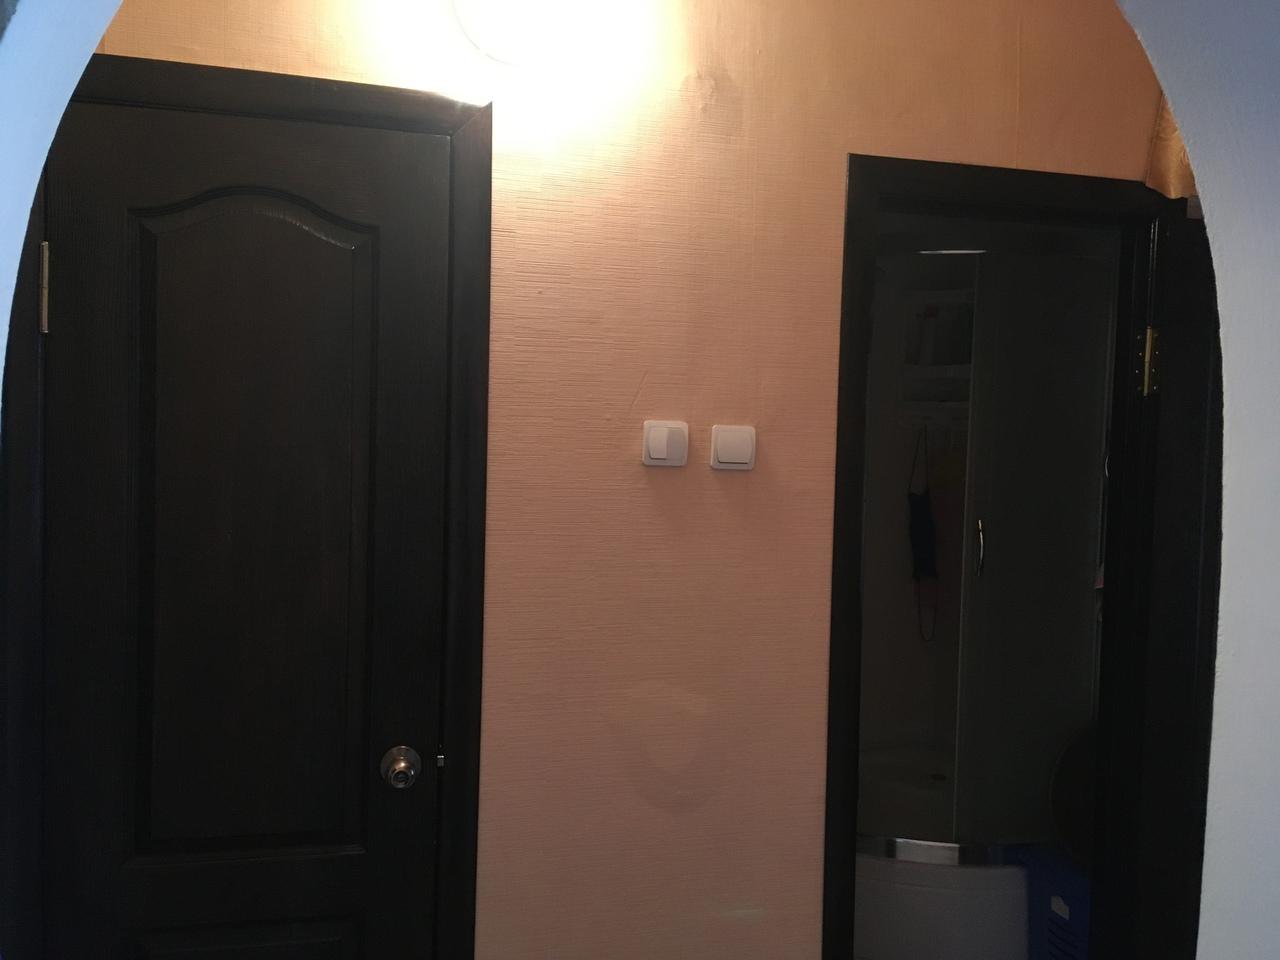 Продам 3-х комн. приватизированную квартиру в г. Кировское (ДНР) м-н «Молодежный...